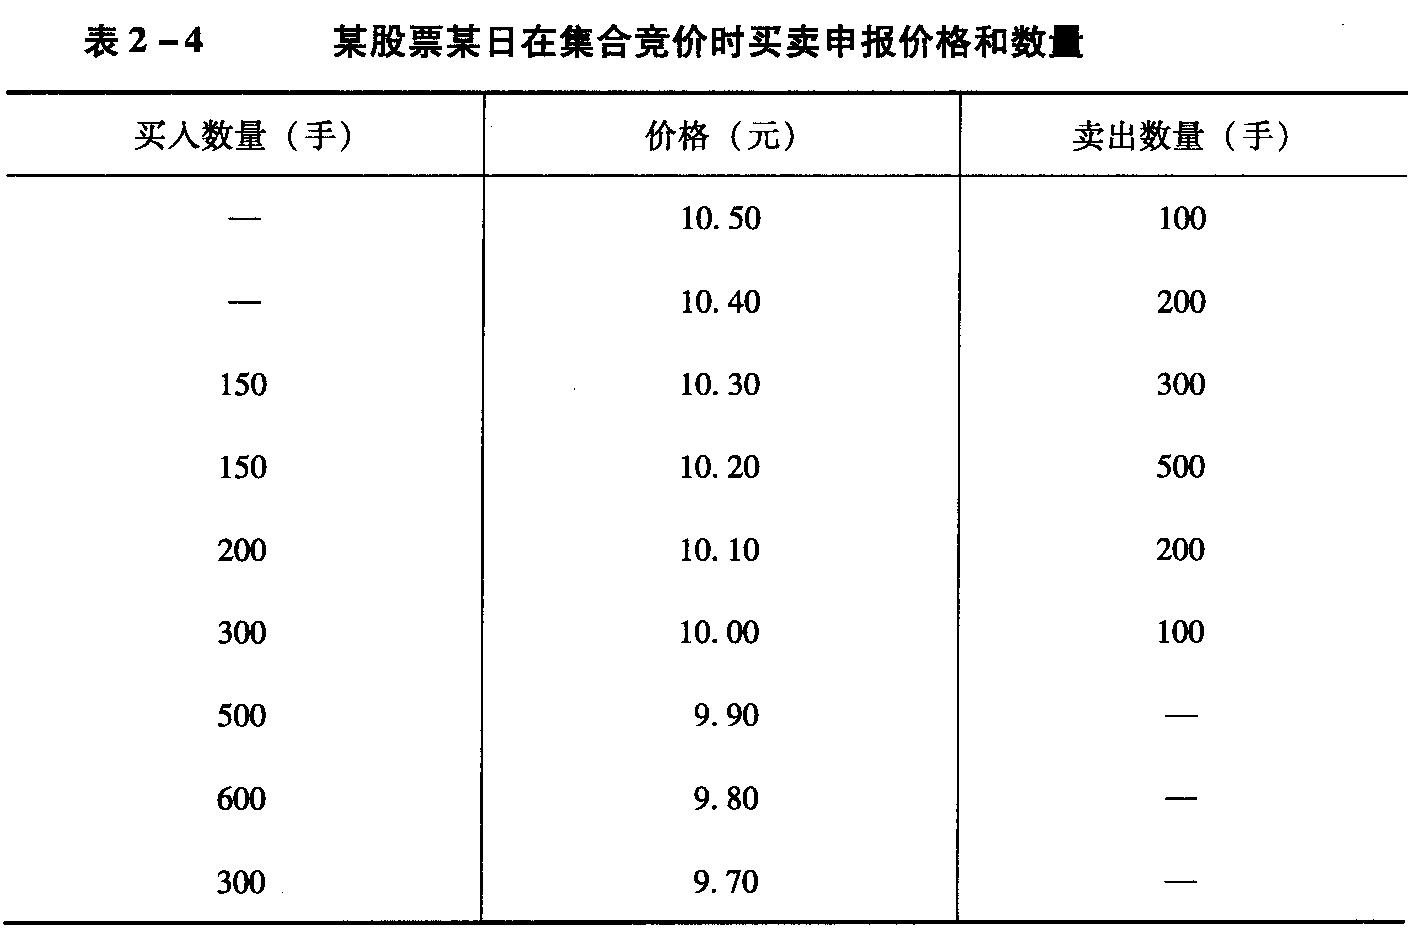 深圳a股开盘时间_15元,深圳证券交易所的开盘价取离上日收市价(10.13元)最近的价位10.